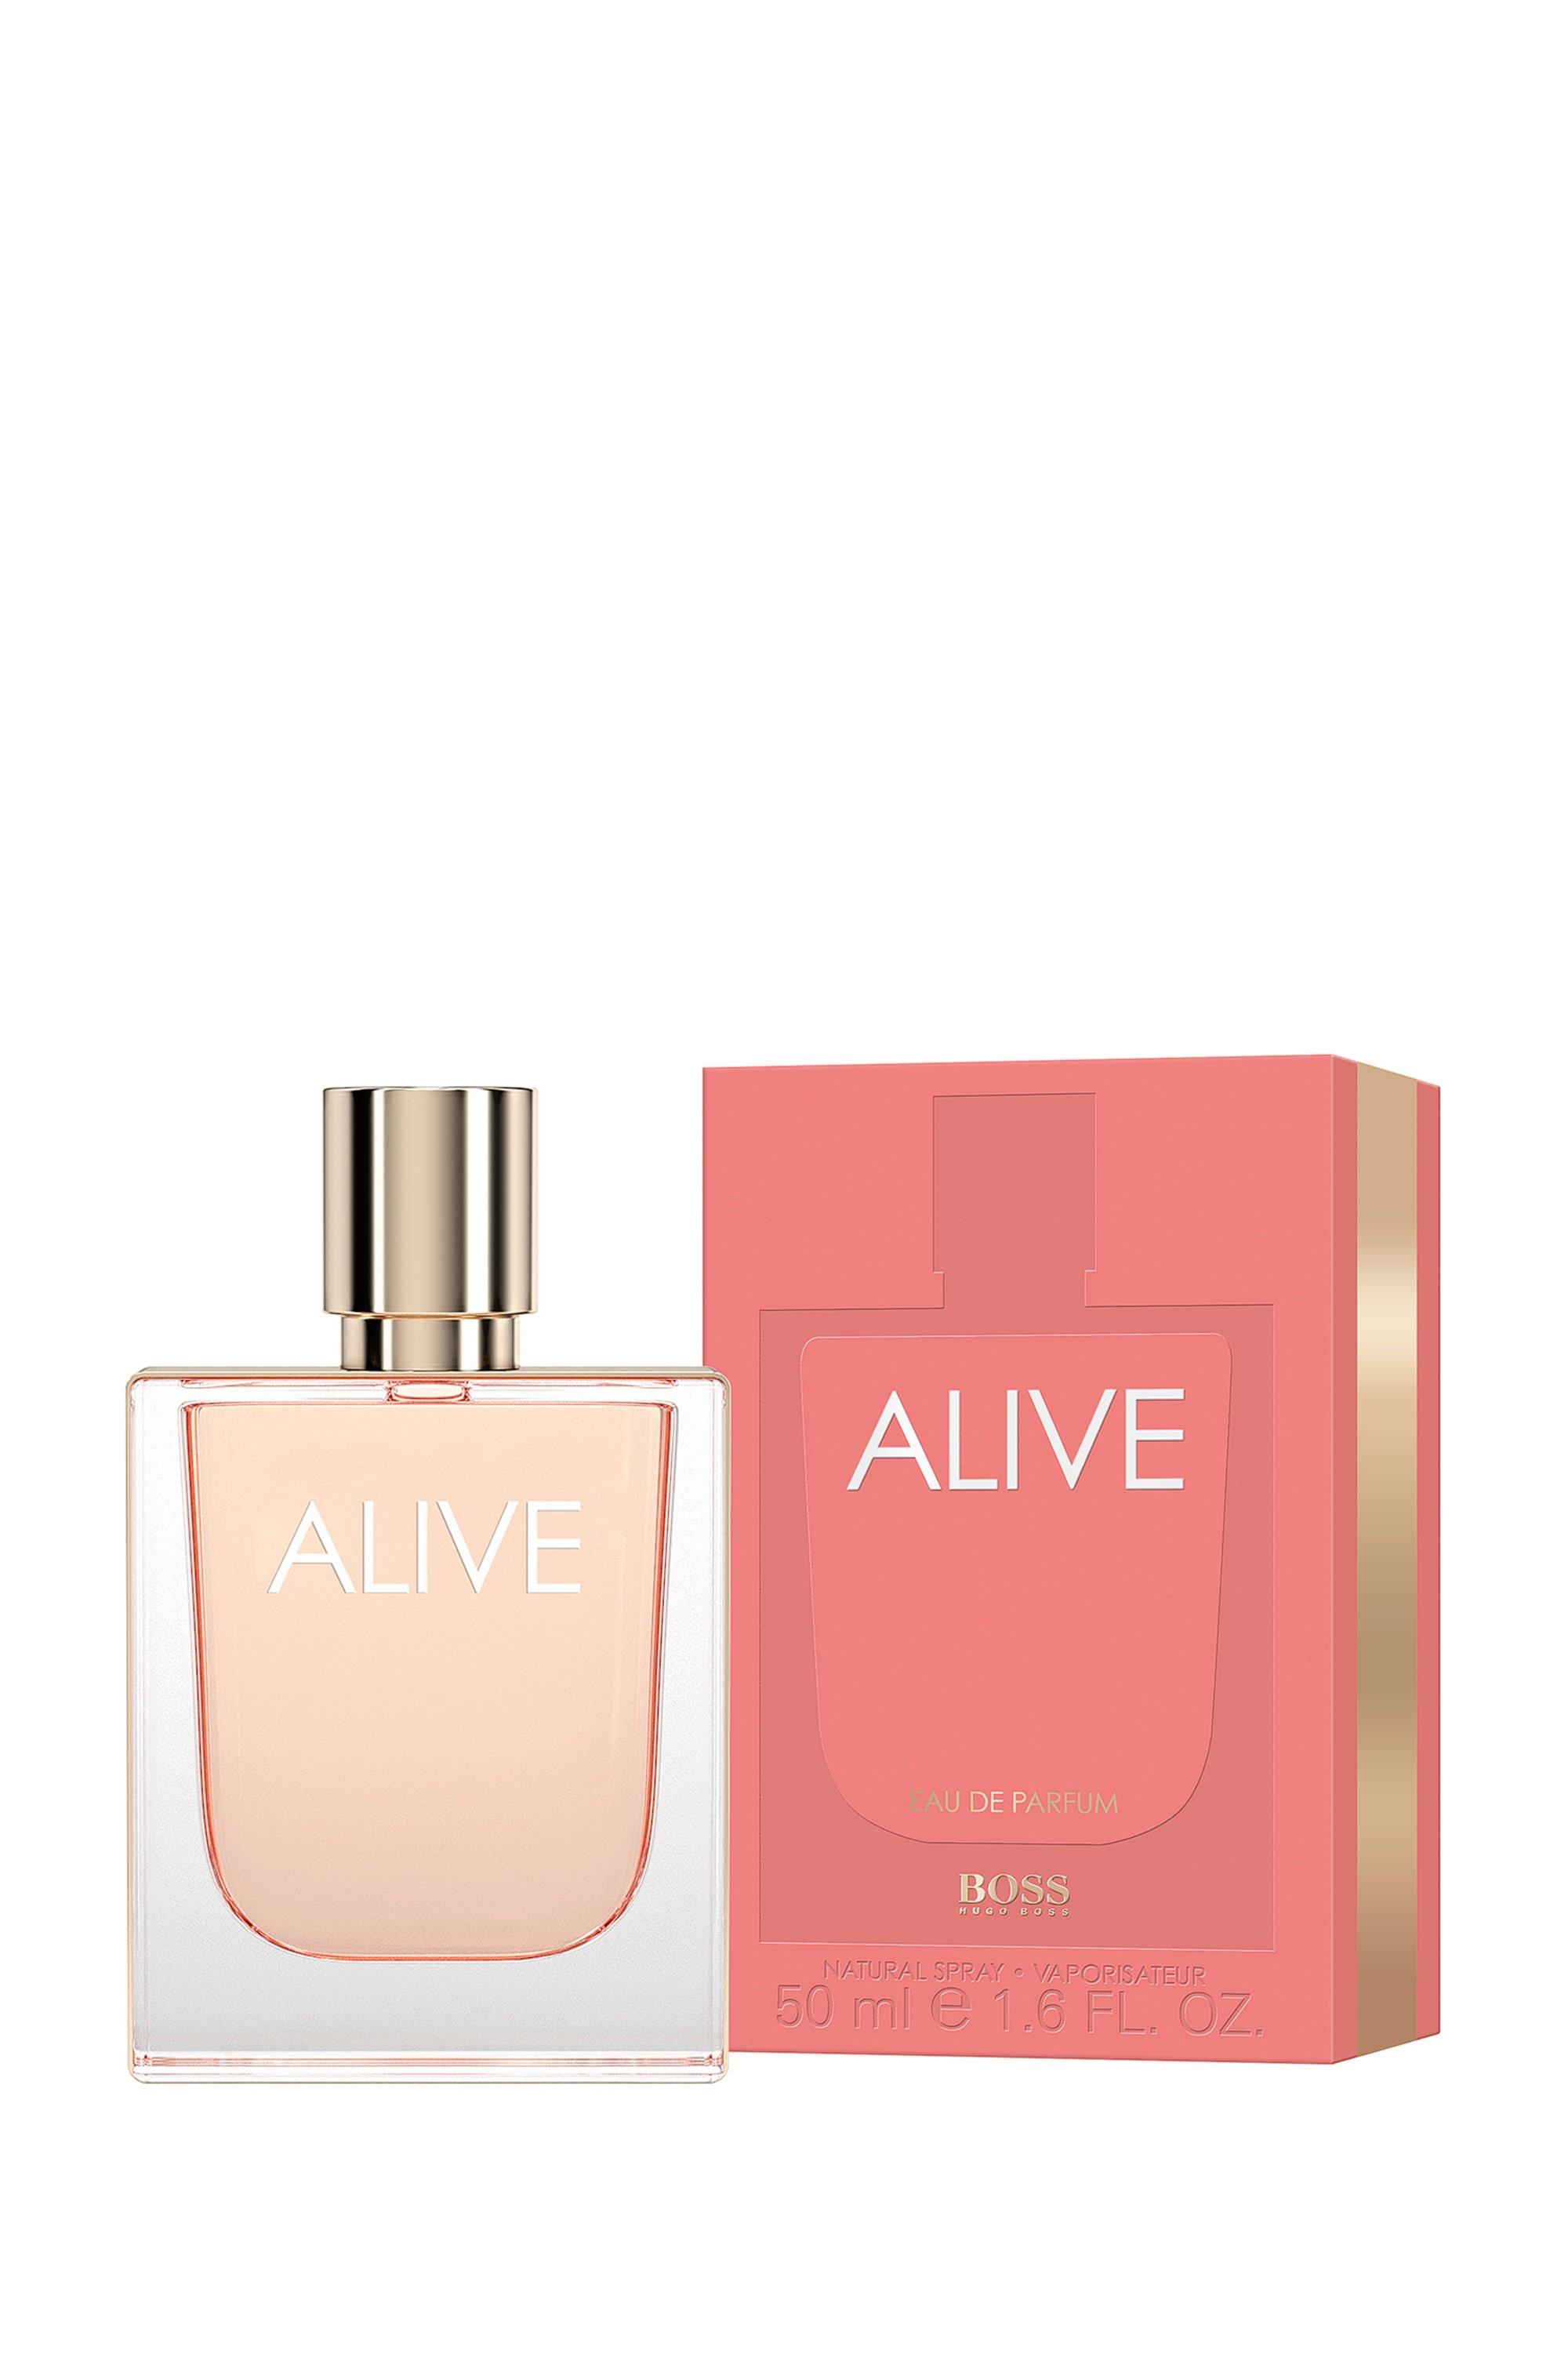 BOSS Alive eau de parfum 50ml, Assorted-Pre-Pack